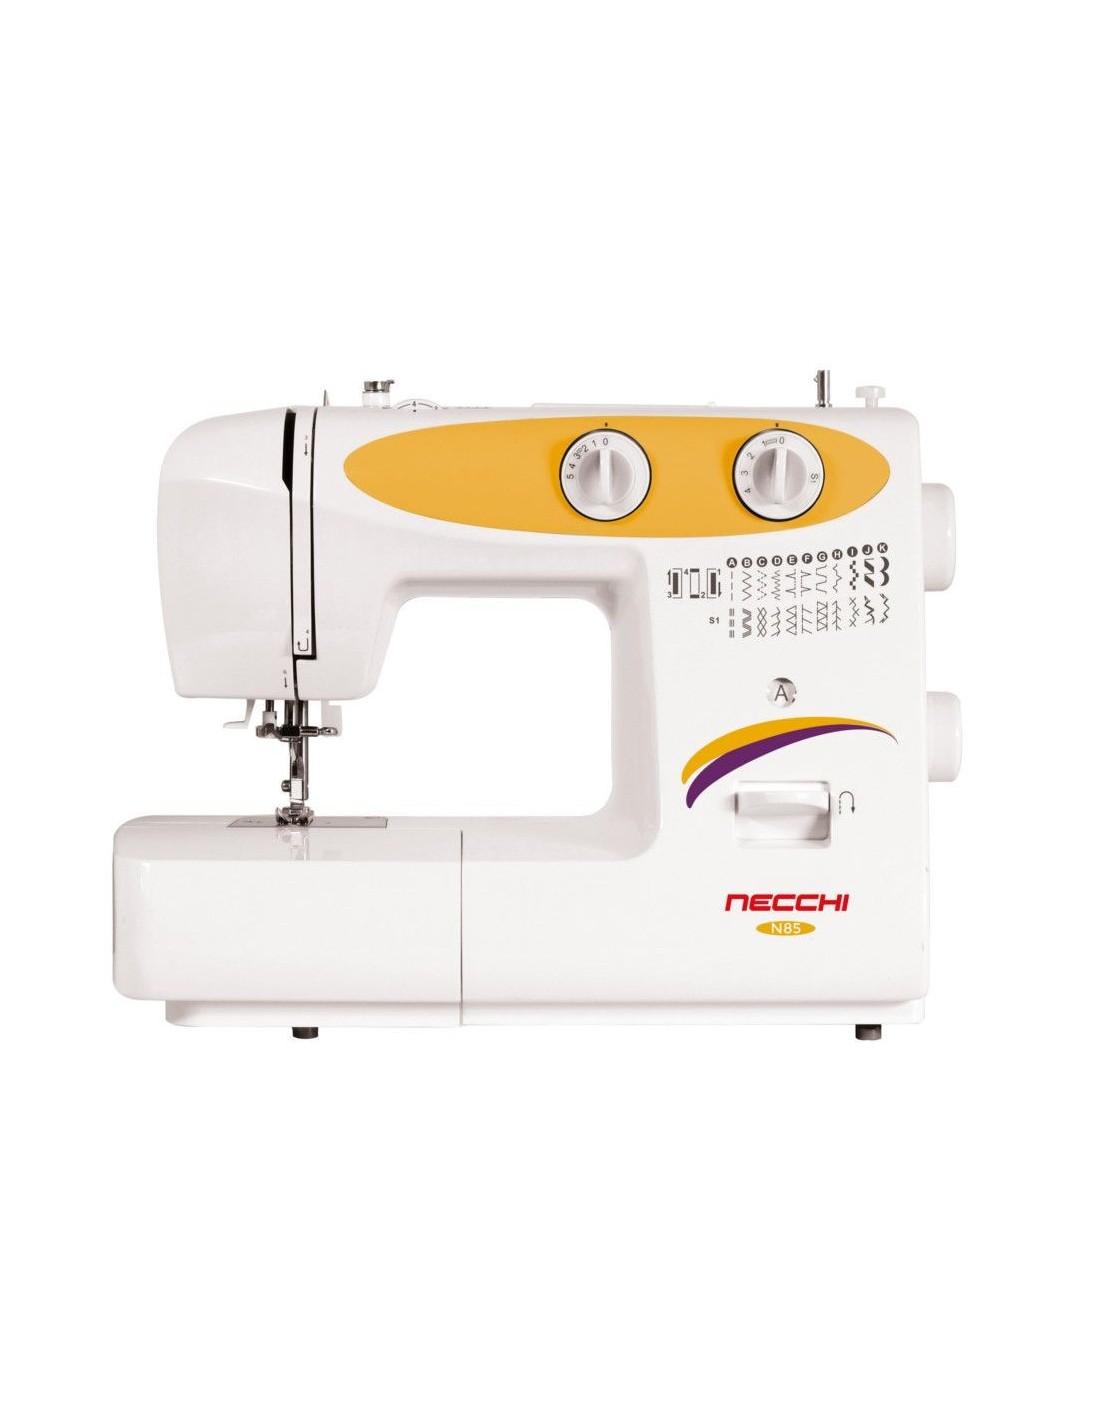 Macchina per cucire necchi n85 macchine per cucire for Macchina da cucire